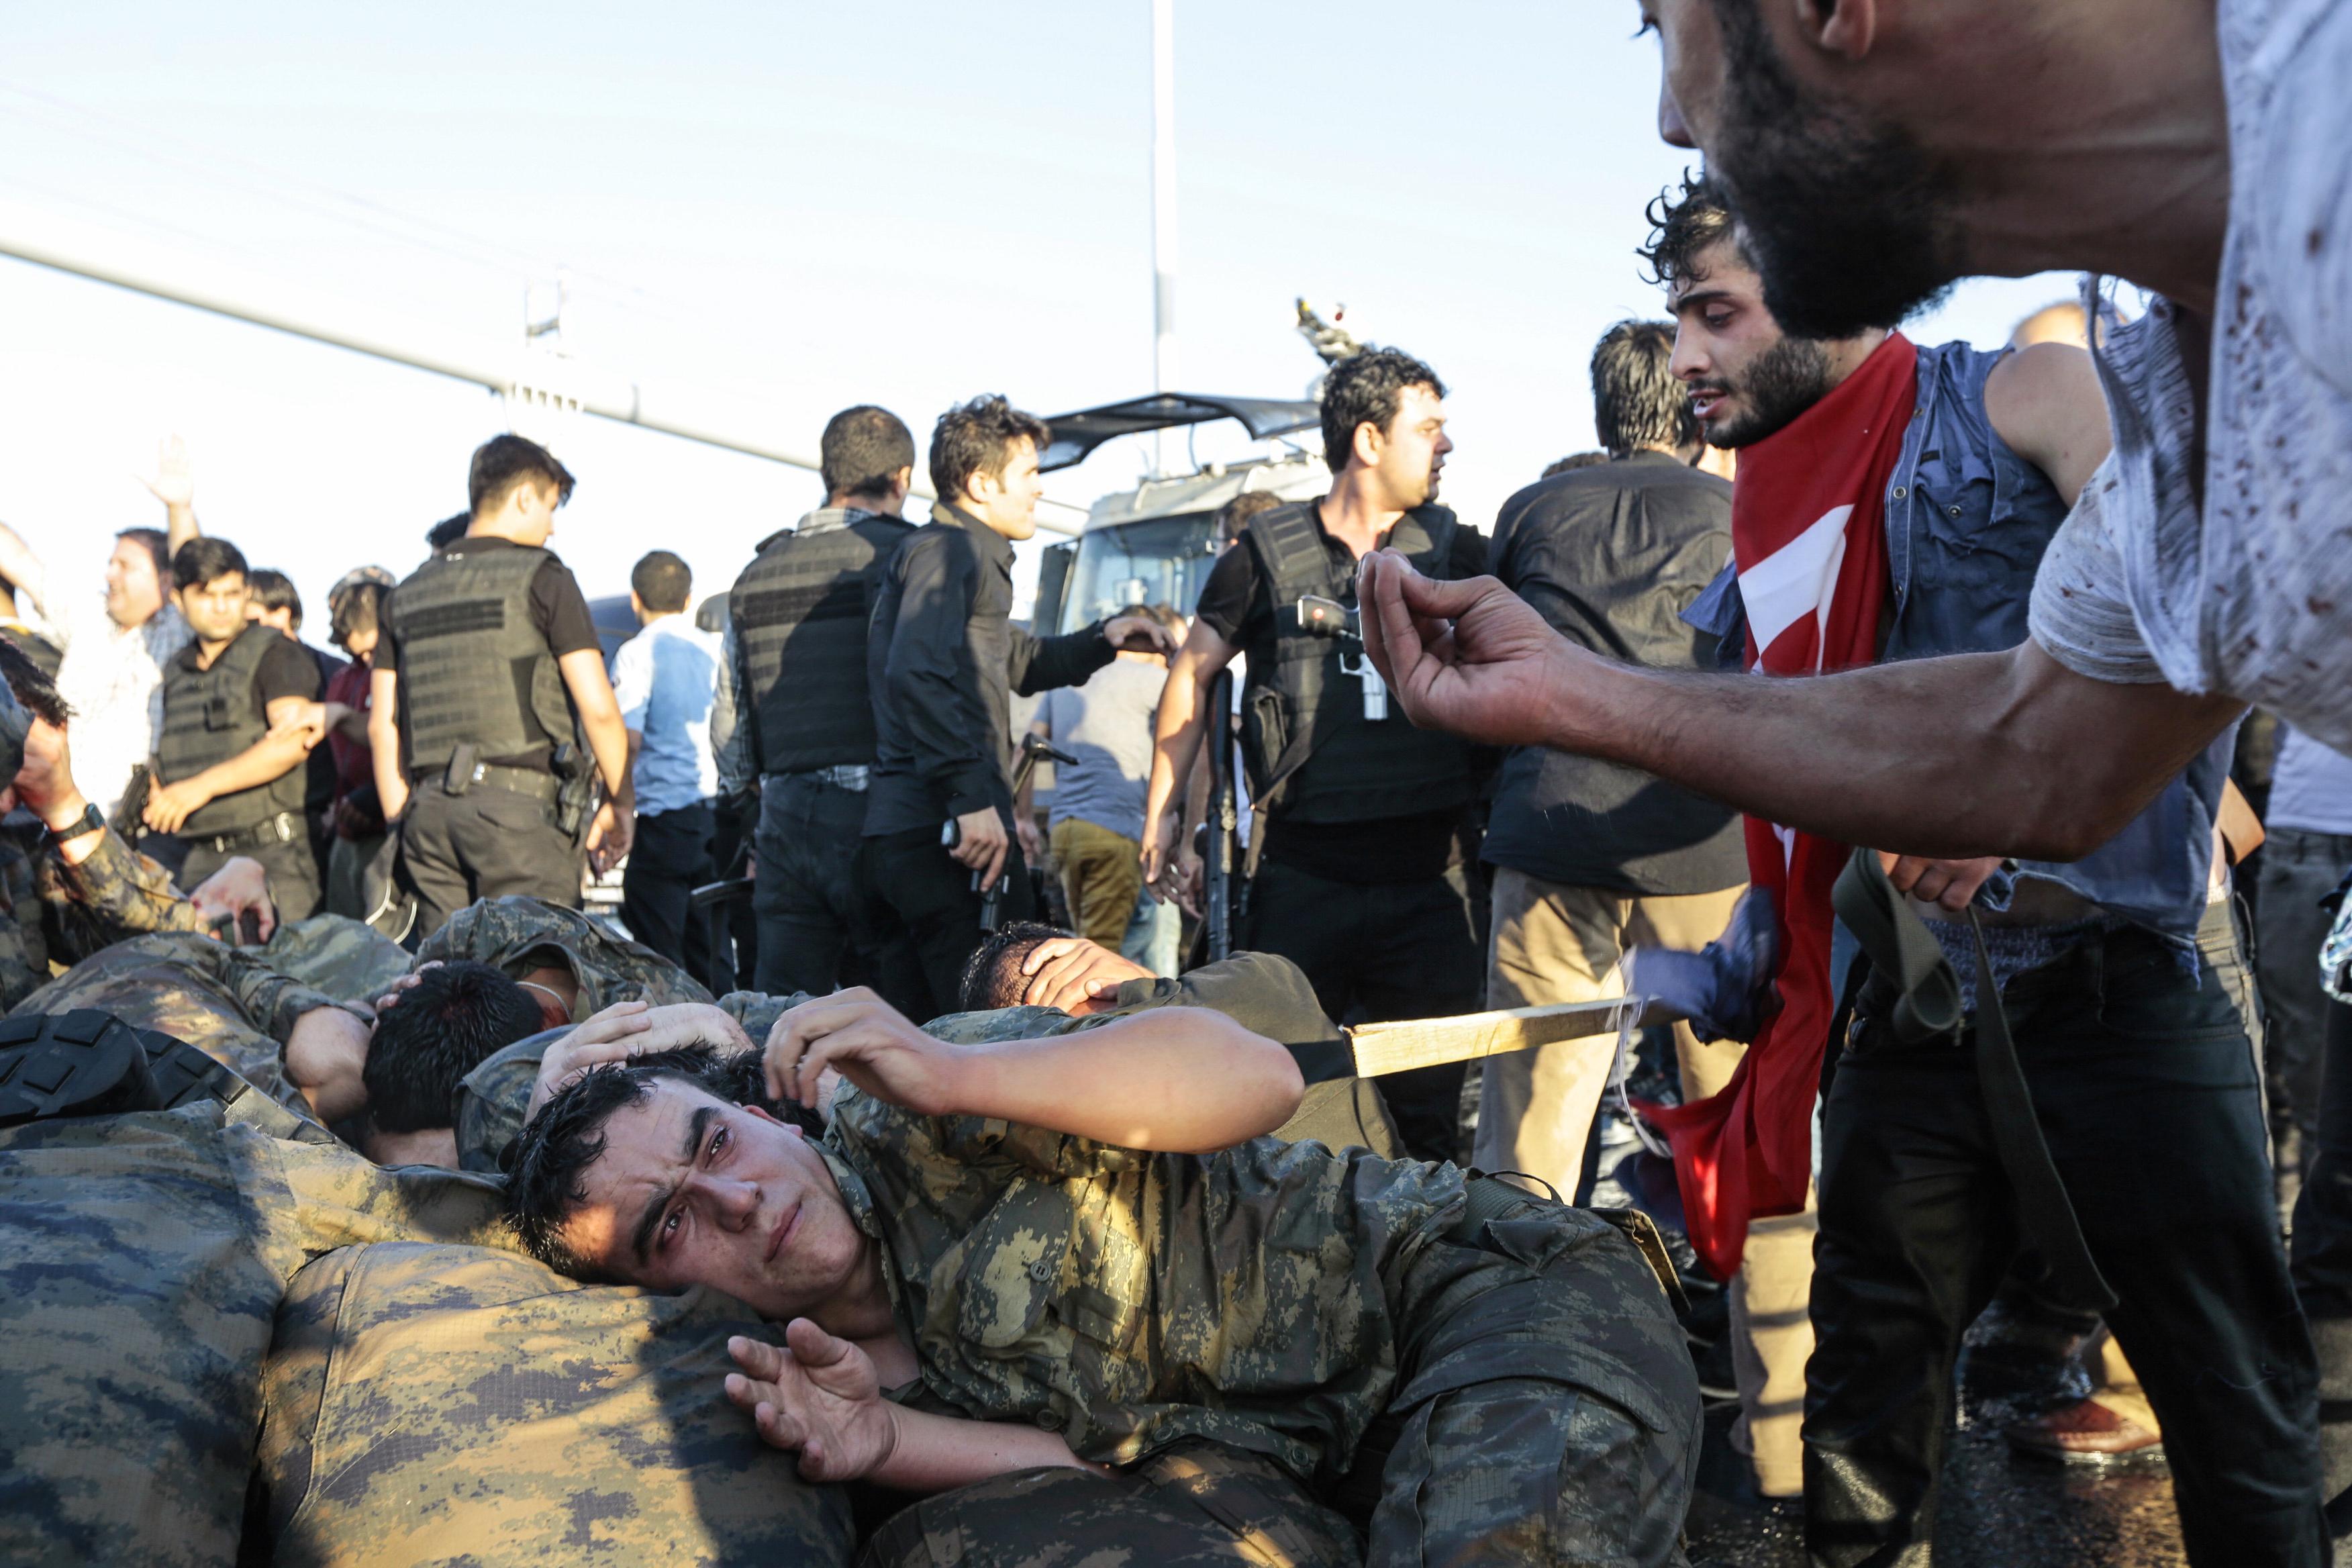 Kínozzák és megerőszakolják a puccskísérlet után letartóztatott embereket Törökországban